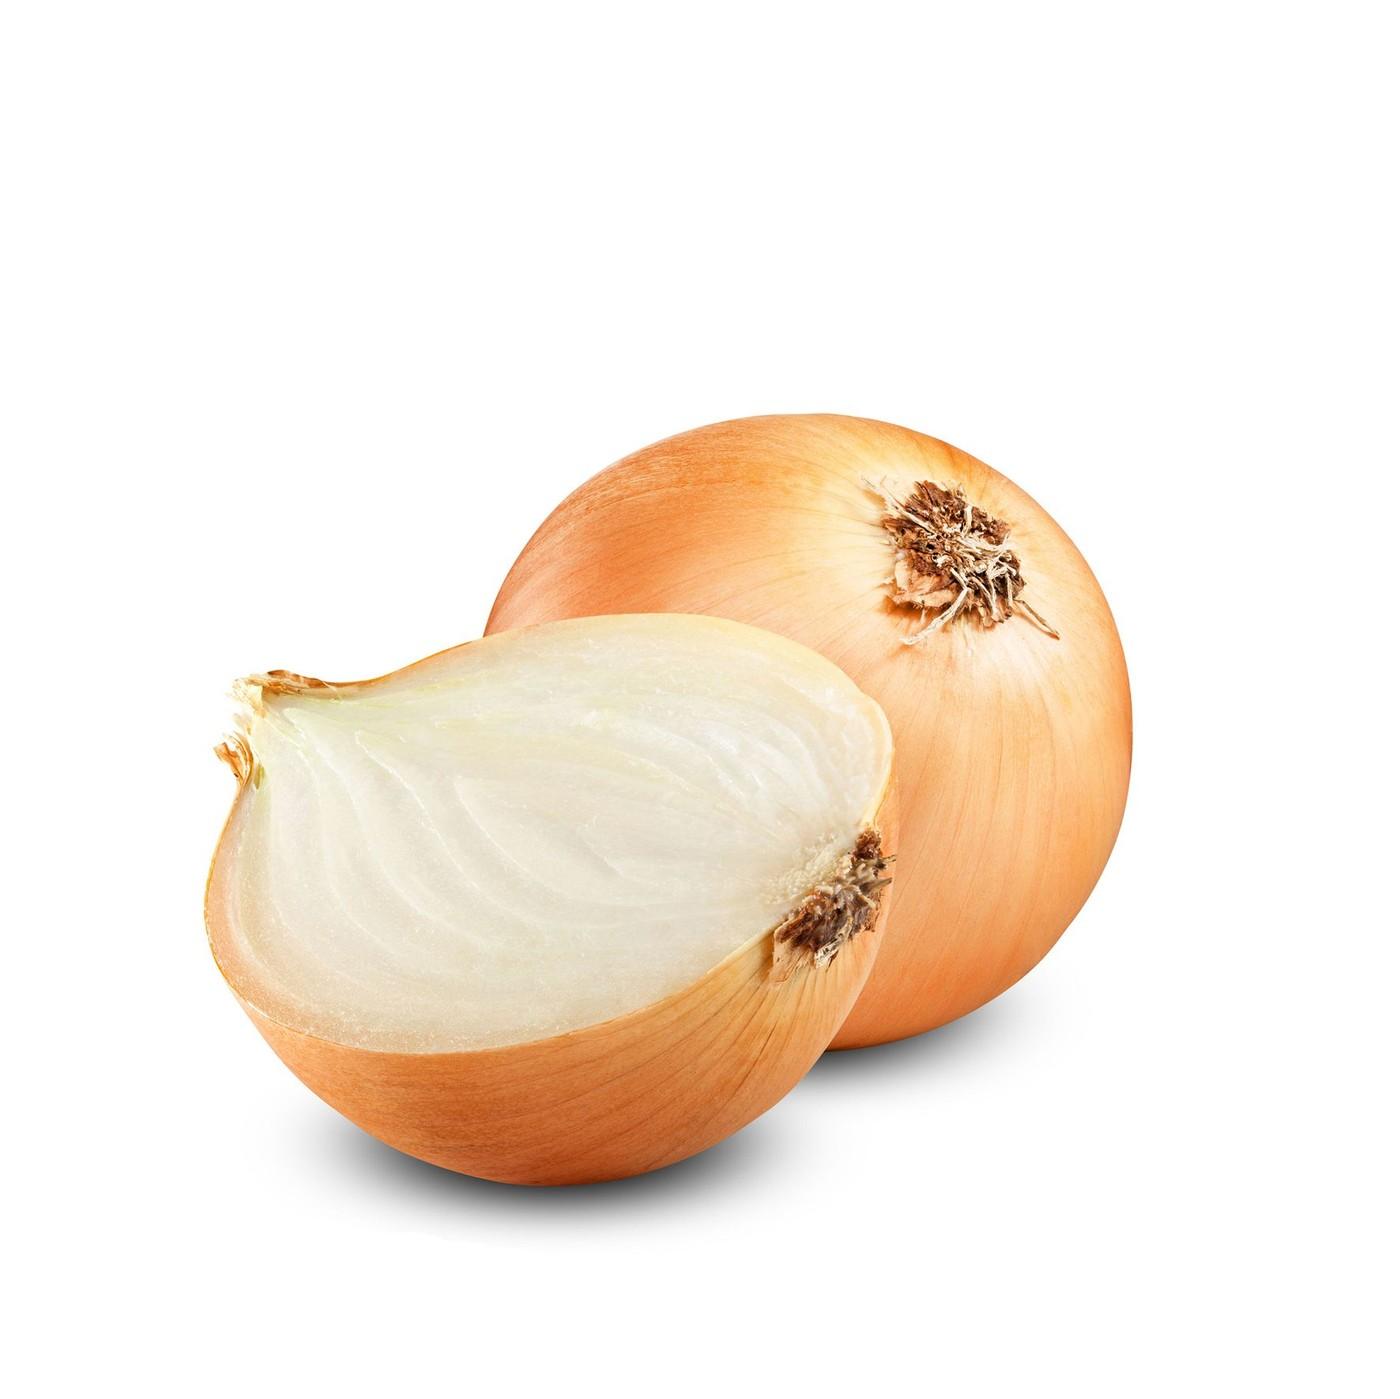 receta de Cebolla molida